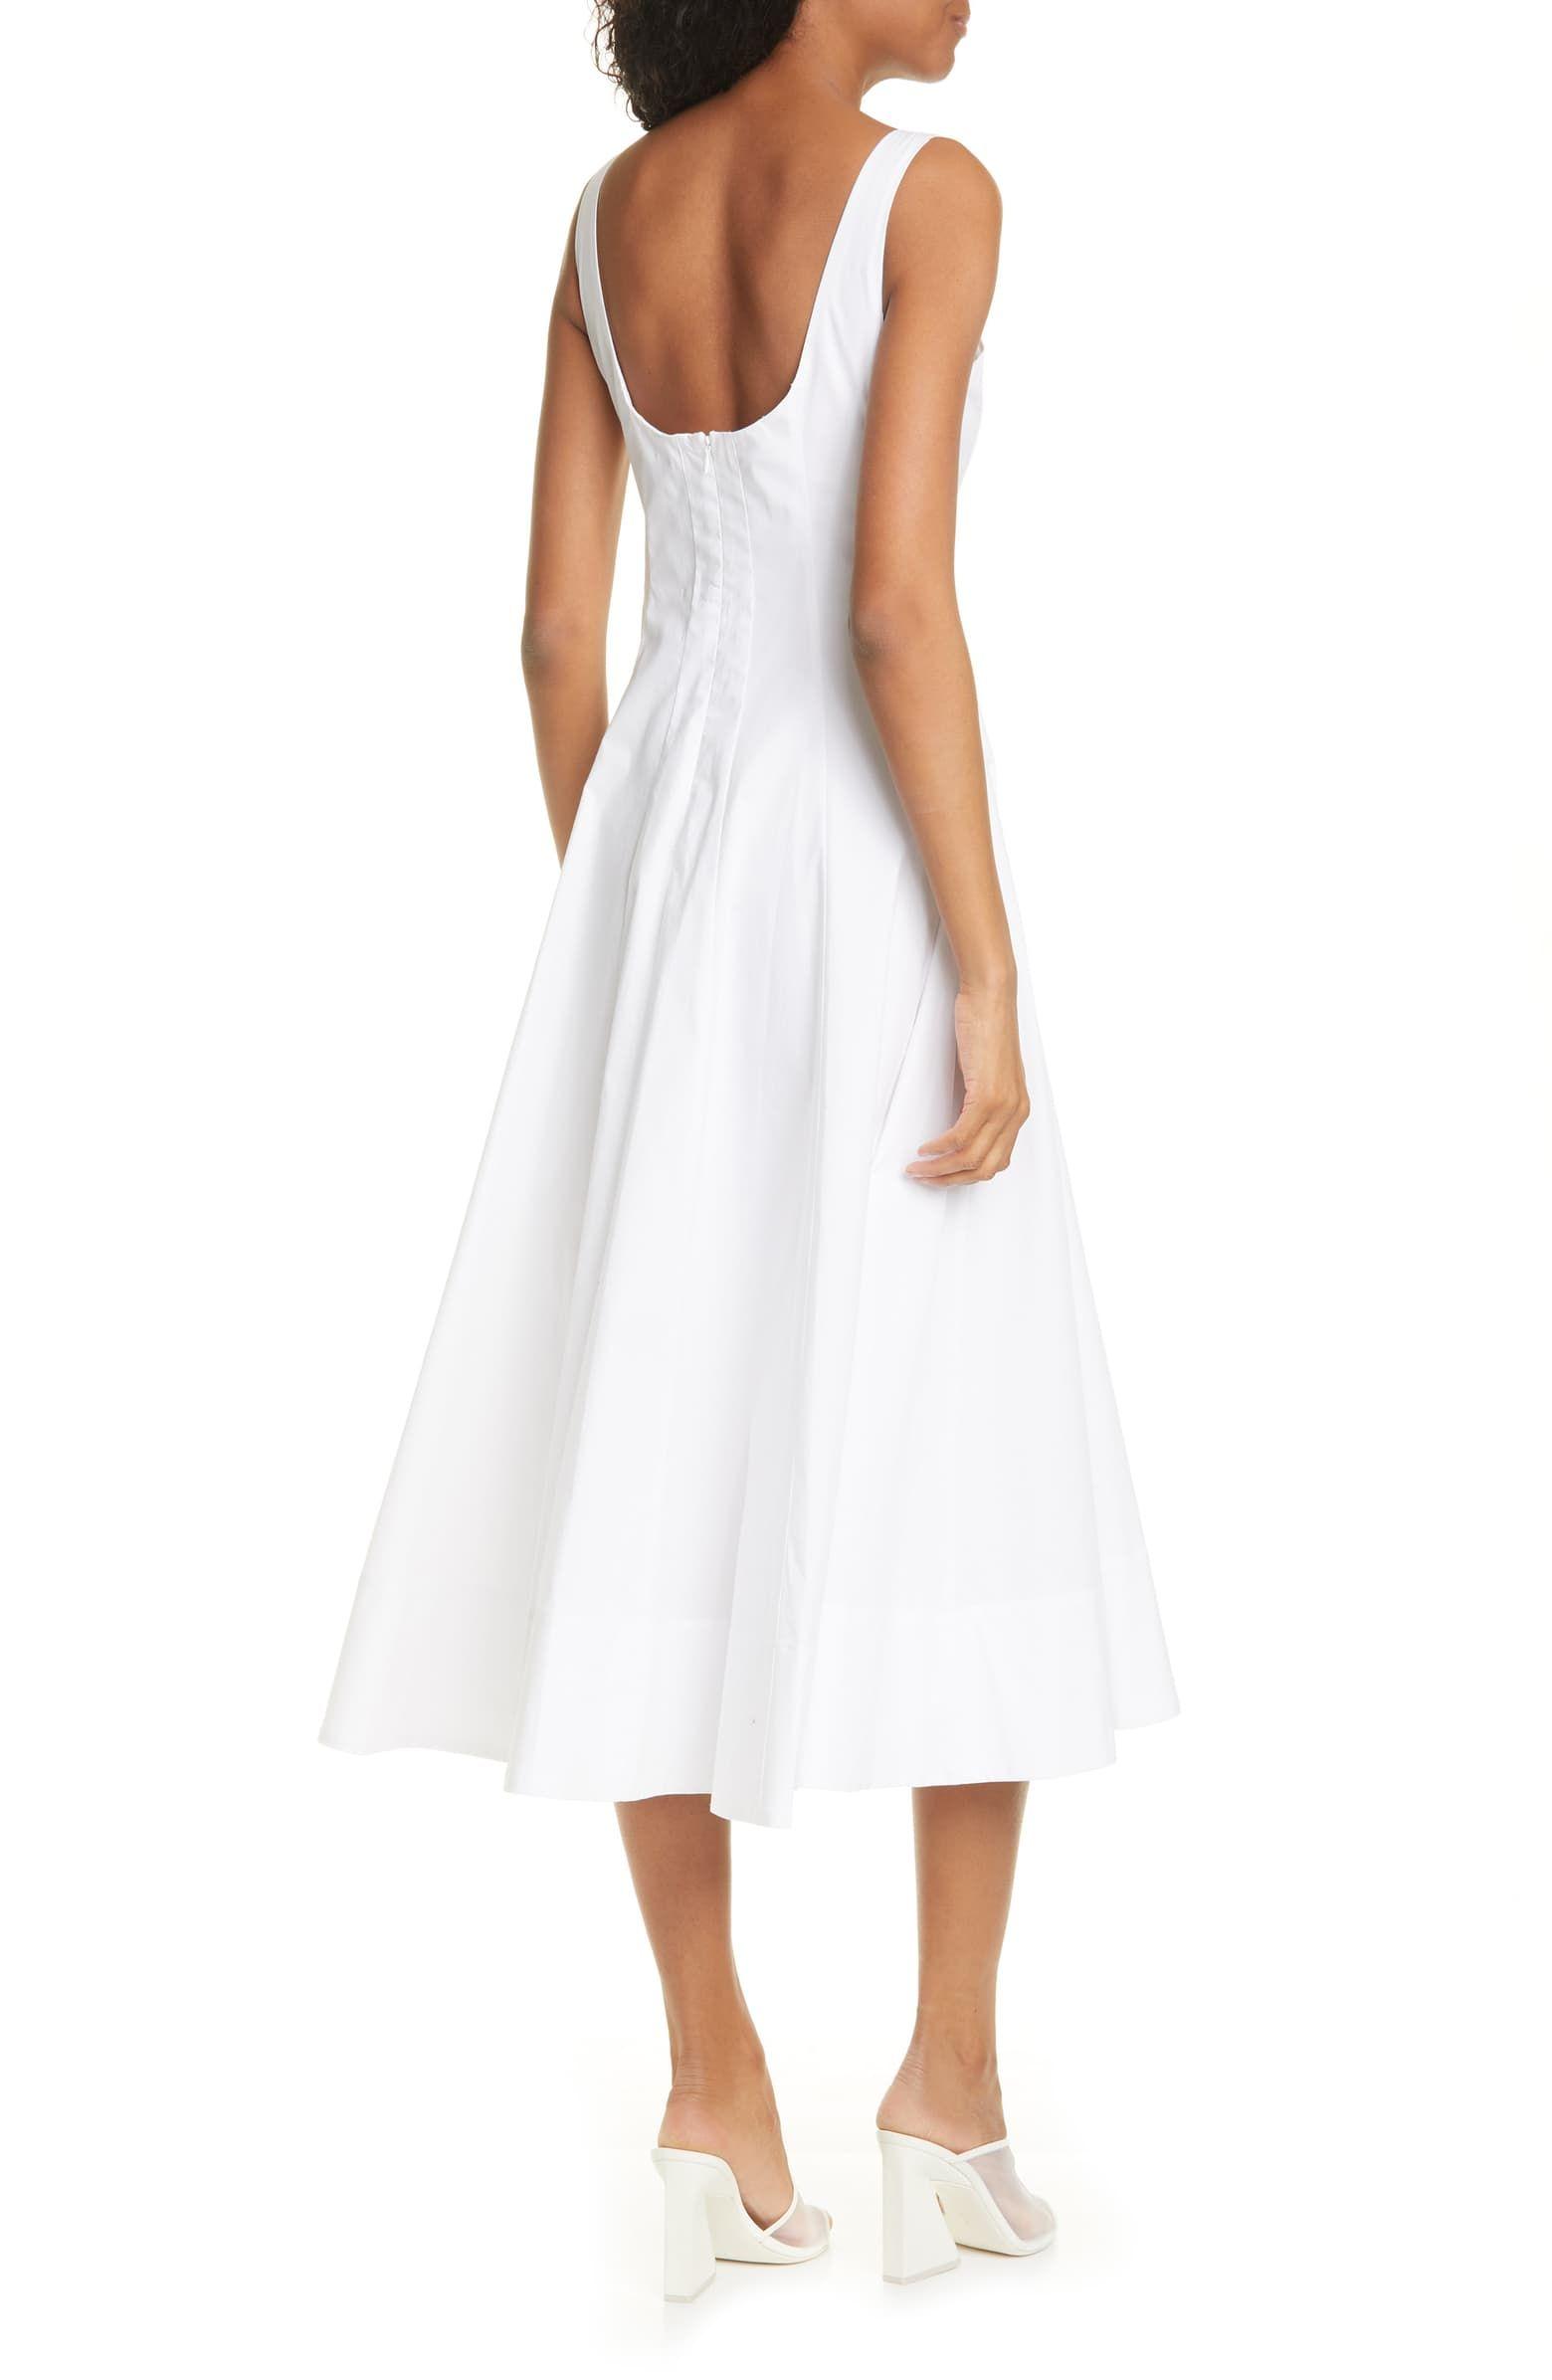 Staud Wells Stretch Cotton Poplin Midi Fit Flare Dress Nordstrom Fit Flare Dress Flare Dress Nordstrom Dresses [ 2392 x 1560 Pixel ]